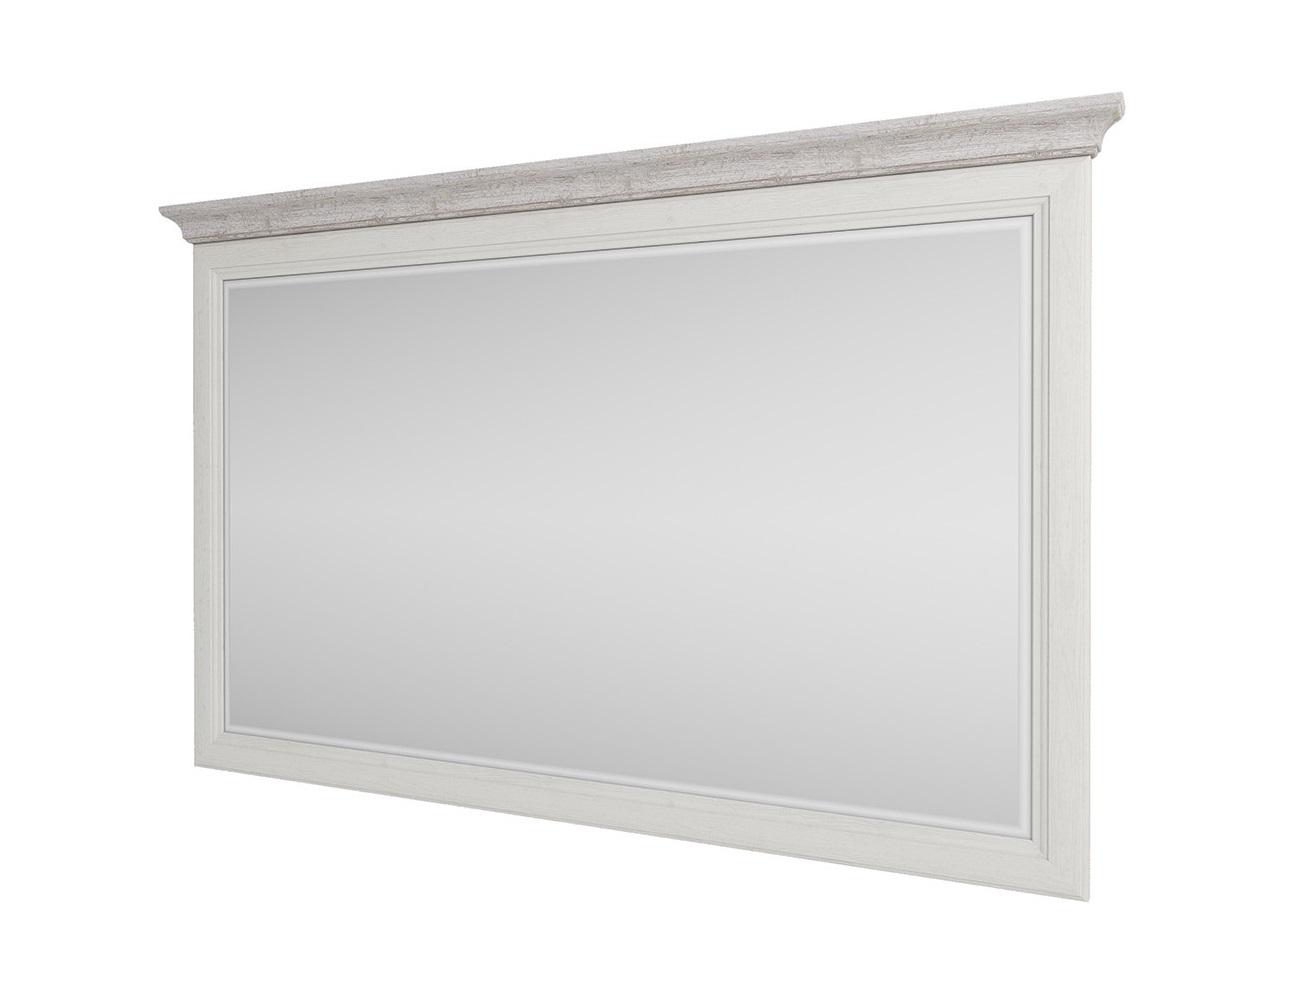 Зеркало MonakoНастенные зеркала<br>Классическая мебель всегда привлекает ценителей гармоничного интерьера дома. Выдержанный стиль коллекции MONAKO, благородное сочетание двух цветовых гамм - сосна винтаж и дуб анкона - создадут приятную обстановку Вашего дома.  Оригинальные металлические ручки и патина на декоративных элементах делают эту коллекцию очень элегантной, а большой модельный ряд позволит обустроить достойный интерьер.&amp;amp;nbsp;<br><br>Material: ДСП<br>Width см: 139<br>Depth см: 5.7<br>Height см: 87.6